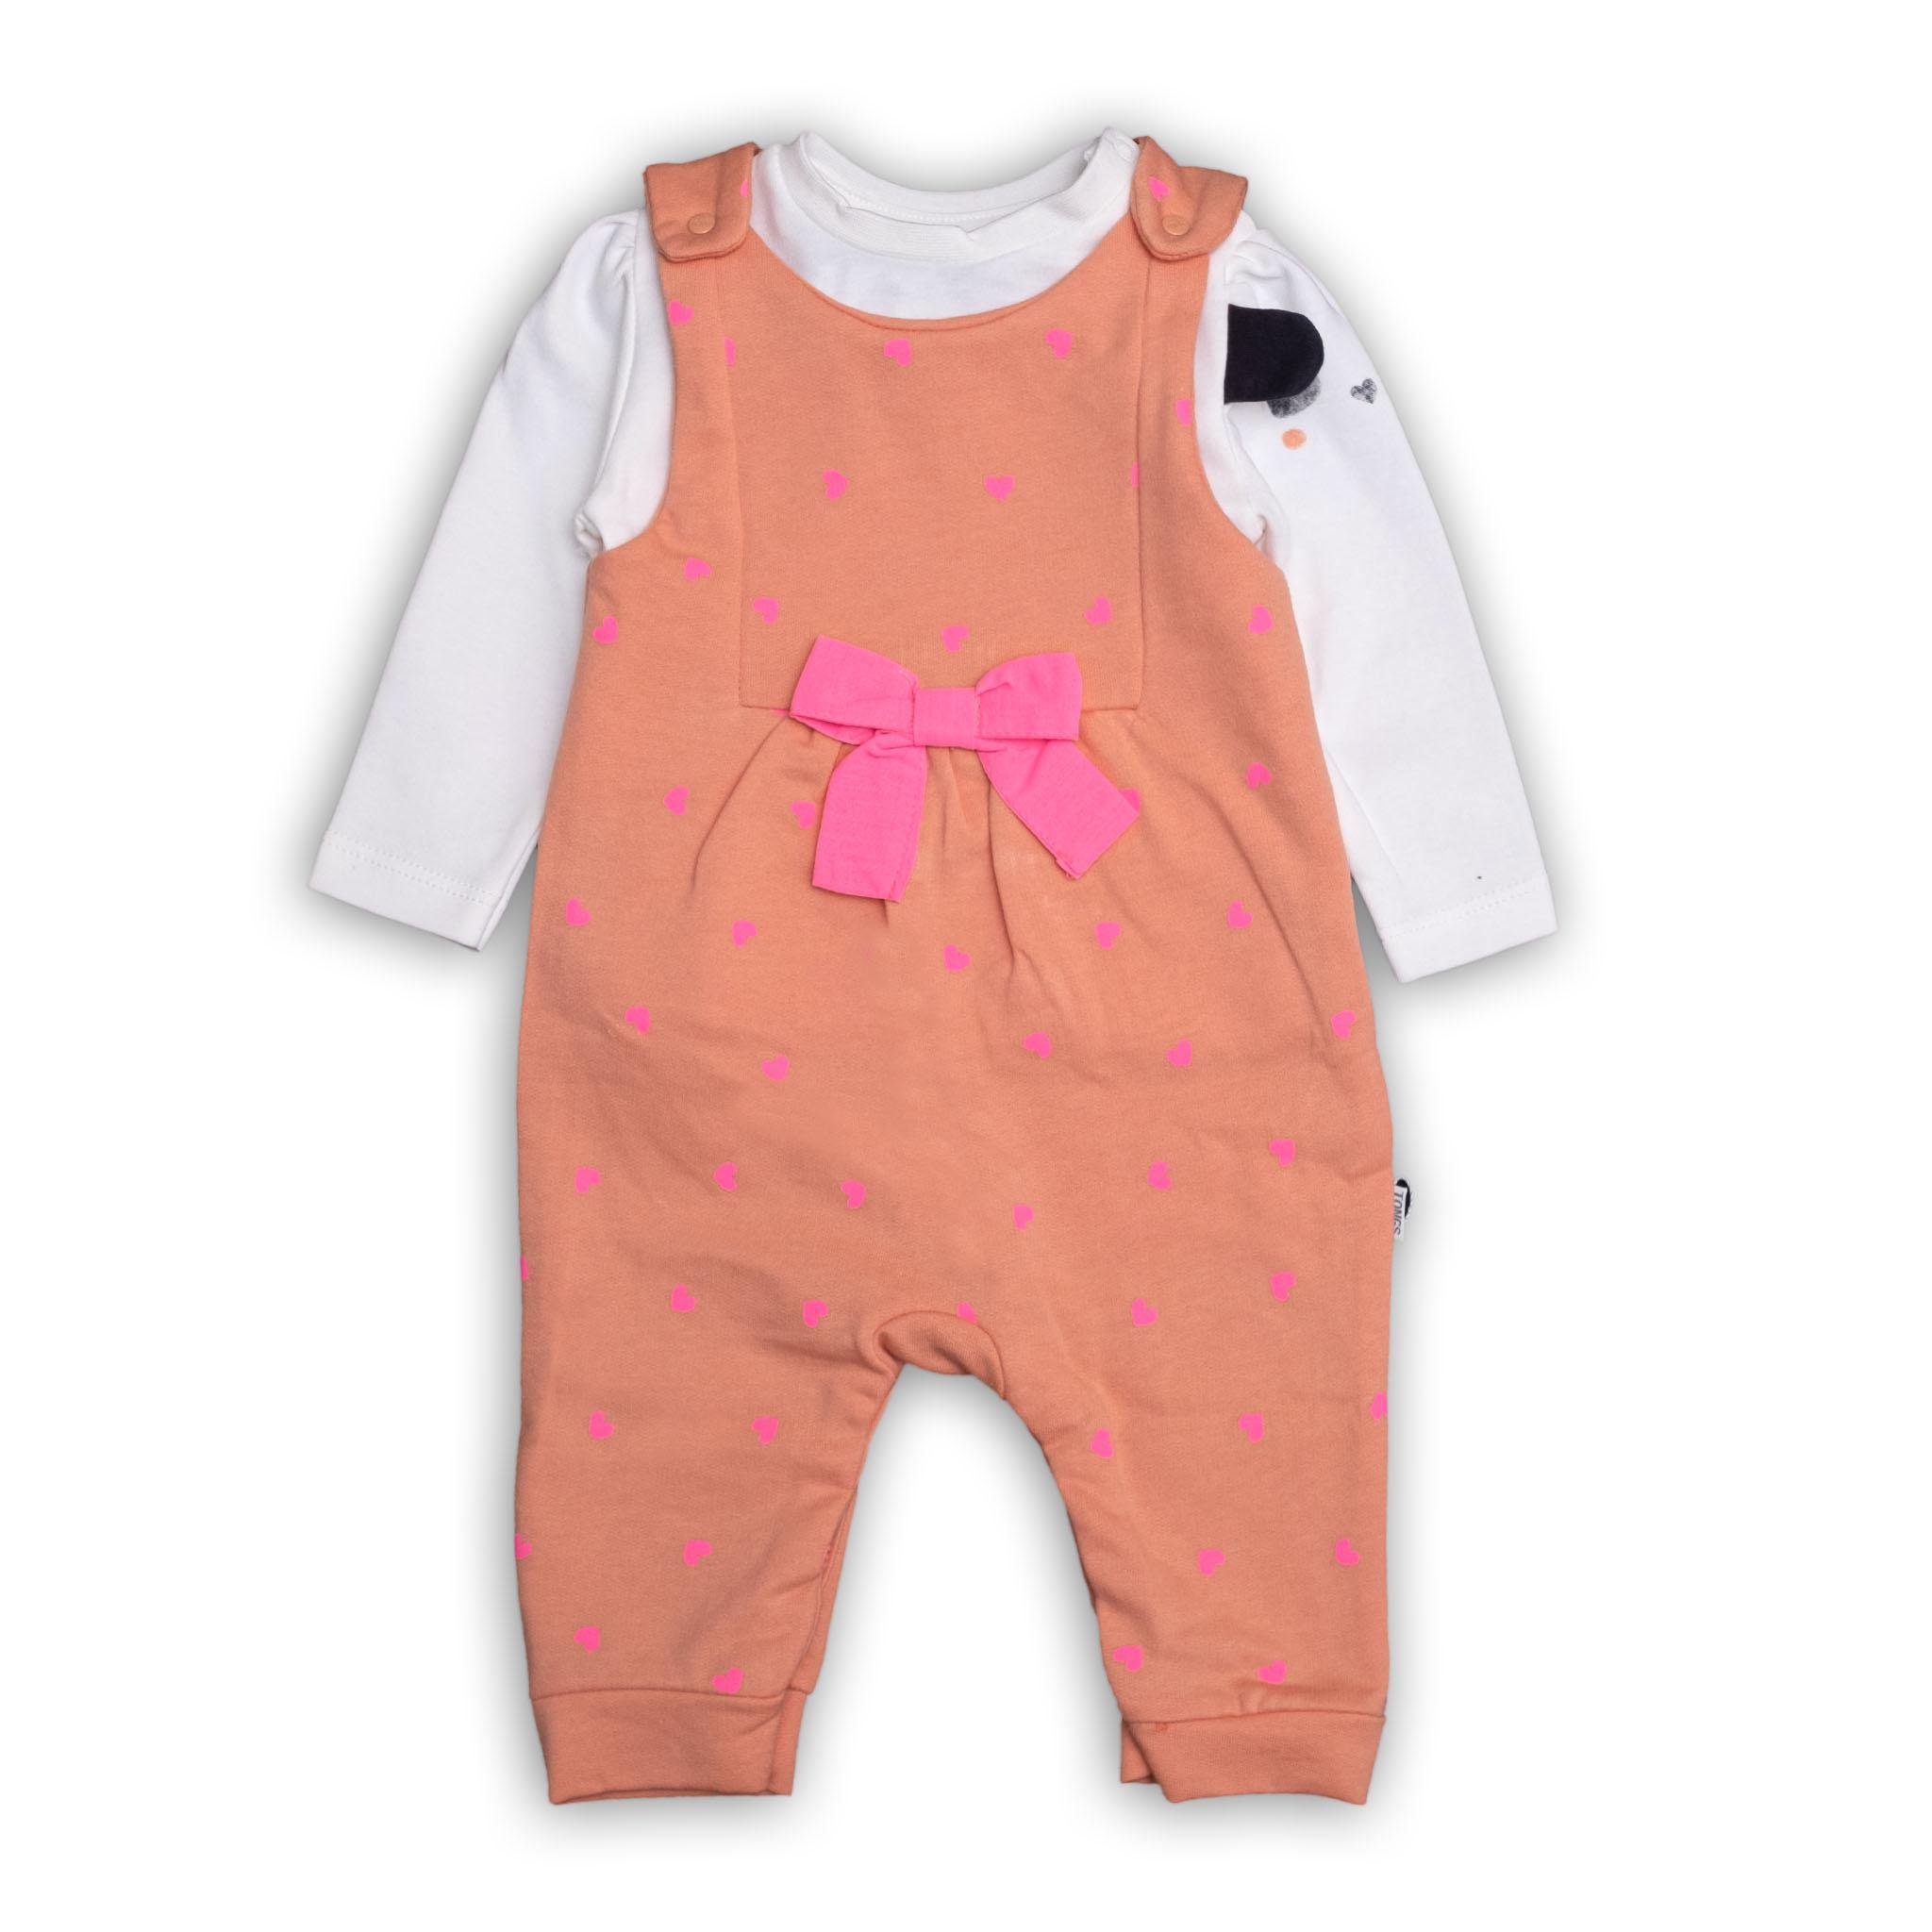 Бебешко гащеризонче с блузка и интересен ръкав 100% памук